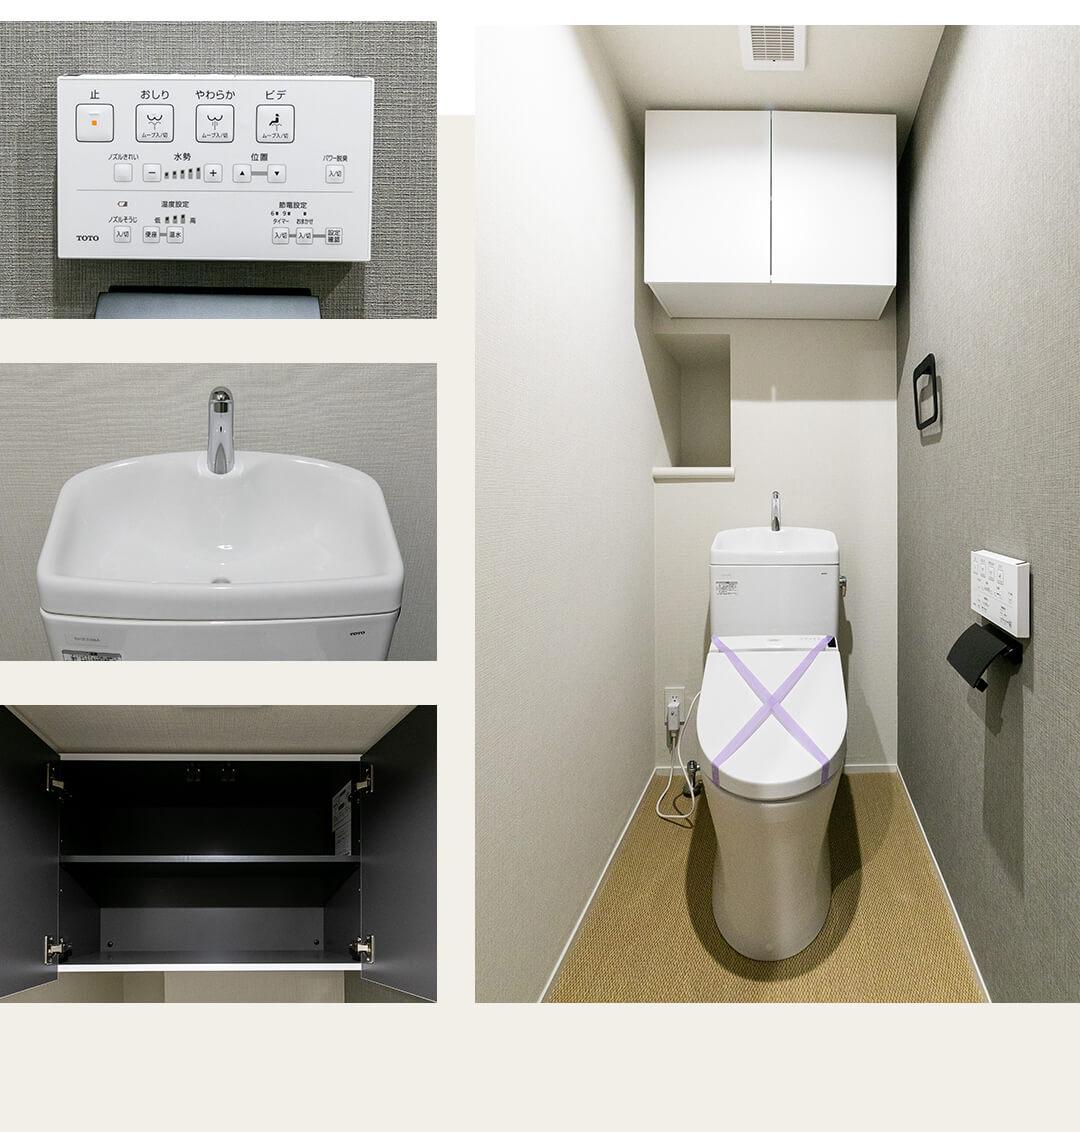 ライオンズマンション新宿柏木 404のトイレ